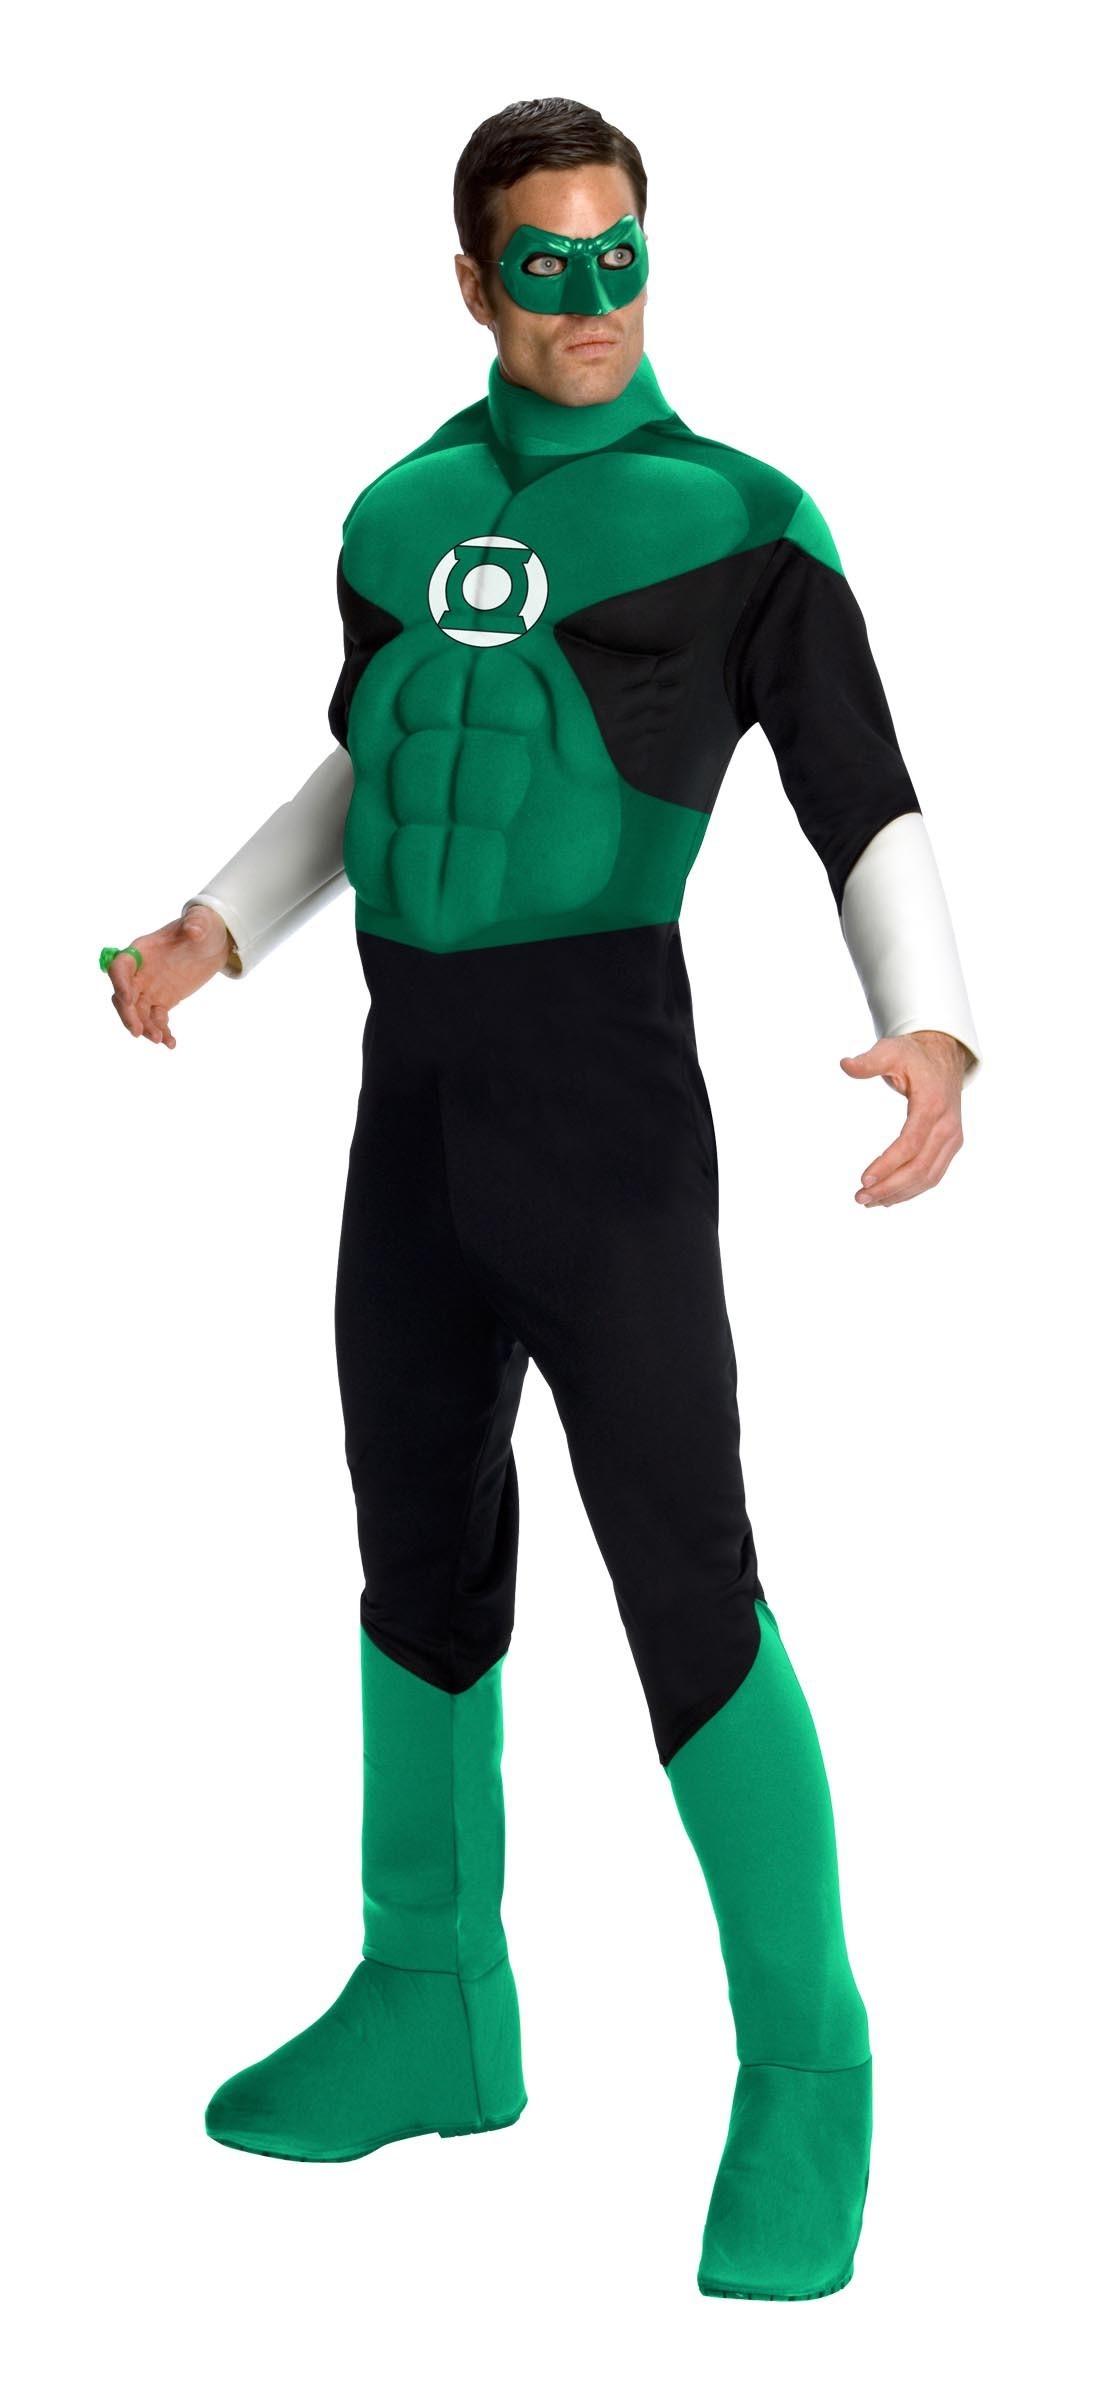 D guisement luxe green lantern vente de d guisements super h ros et d guisement luxe green - Super heros deguisement ...